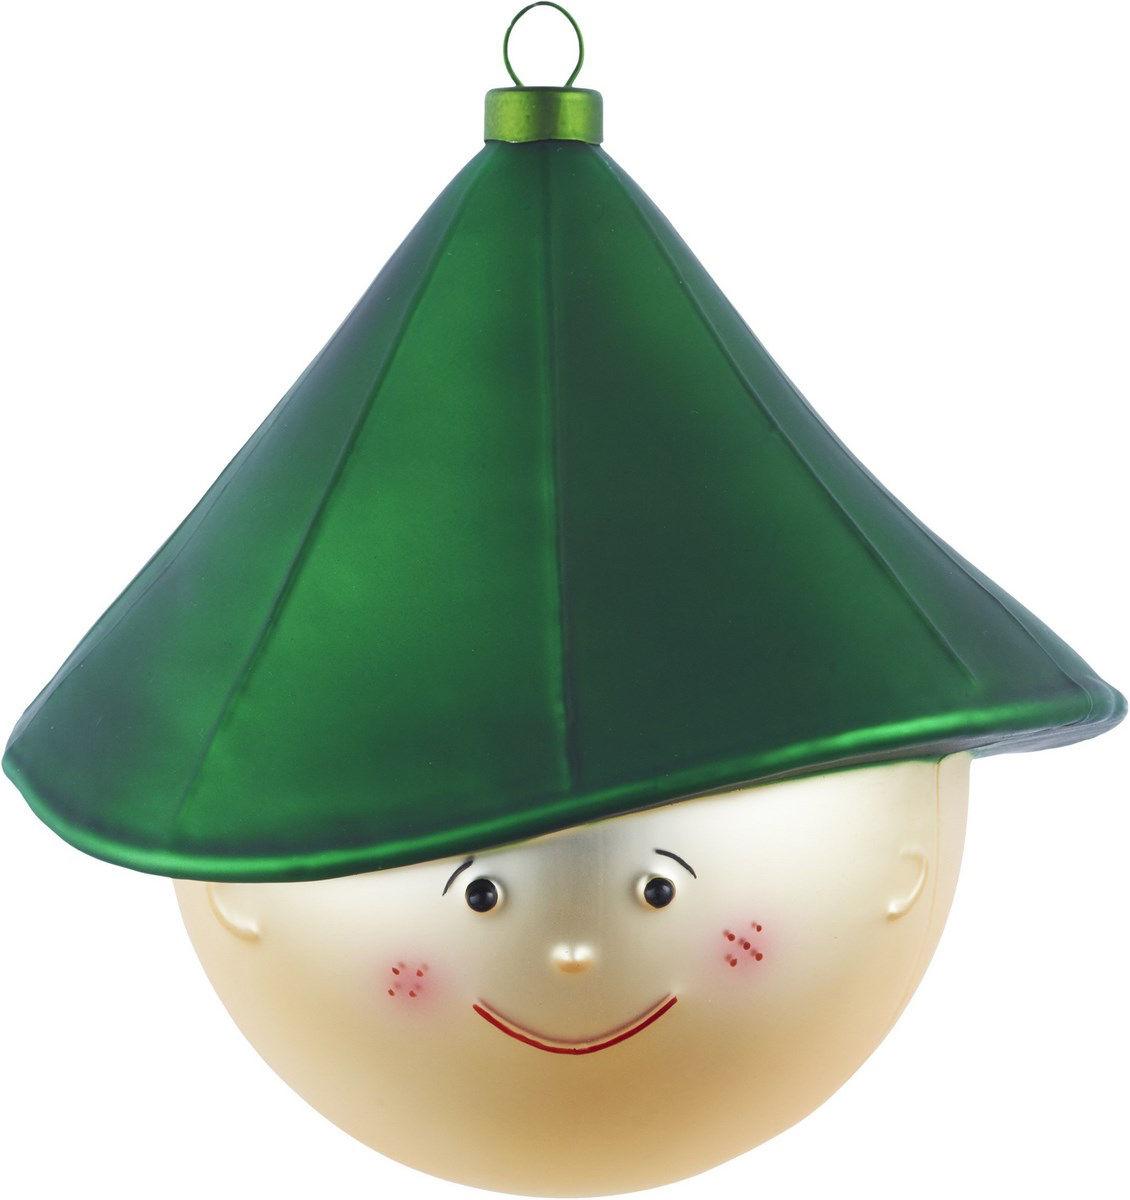 Dekoration - Dekorationsartikel - Pastorello Weihnachtskugel - A di Alessi - Grün / mehrfarbig - geblasenes Glas